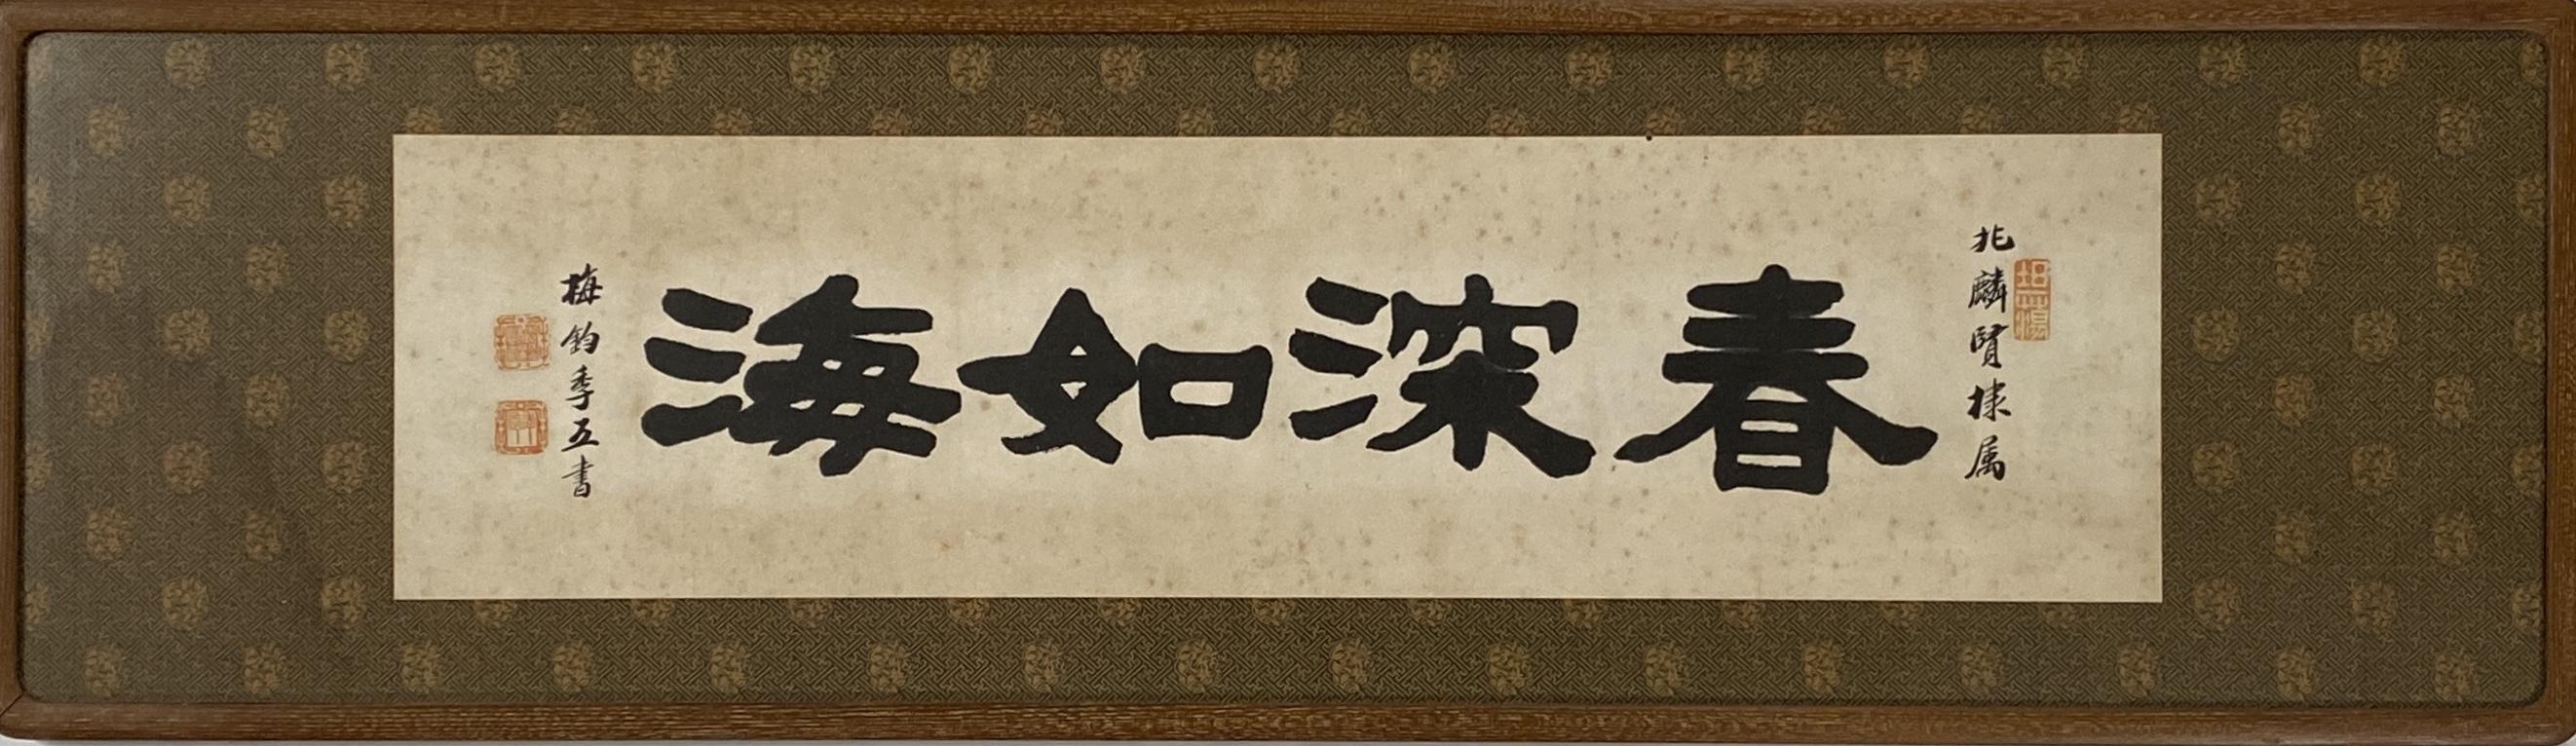 20575「李梅鈞」書 横額19×74cm